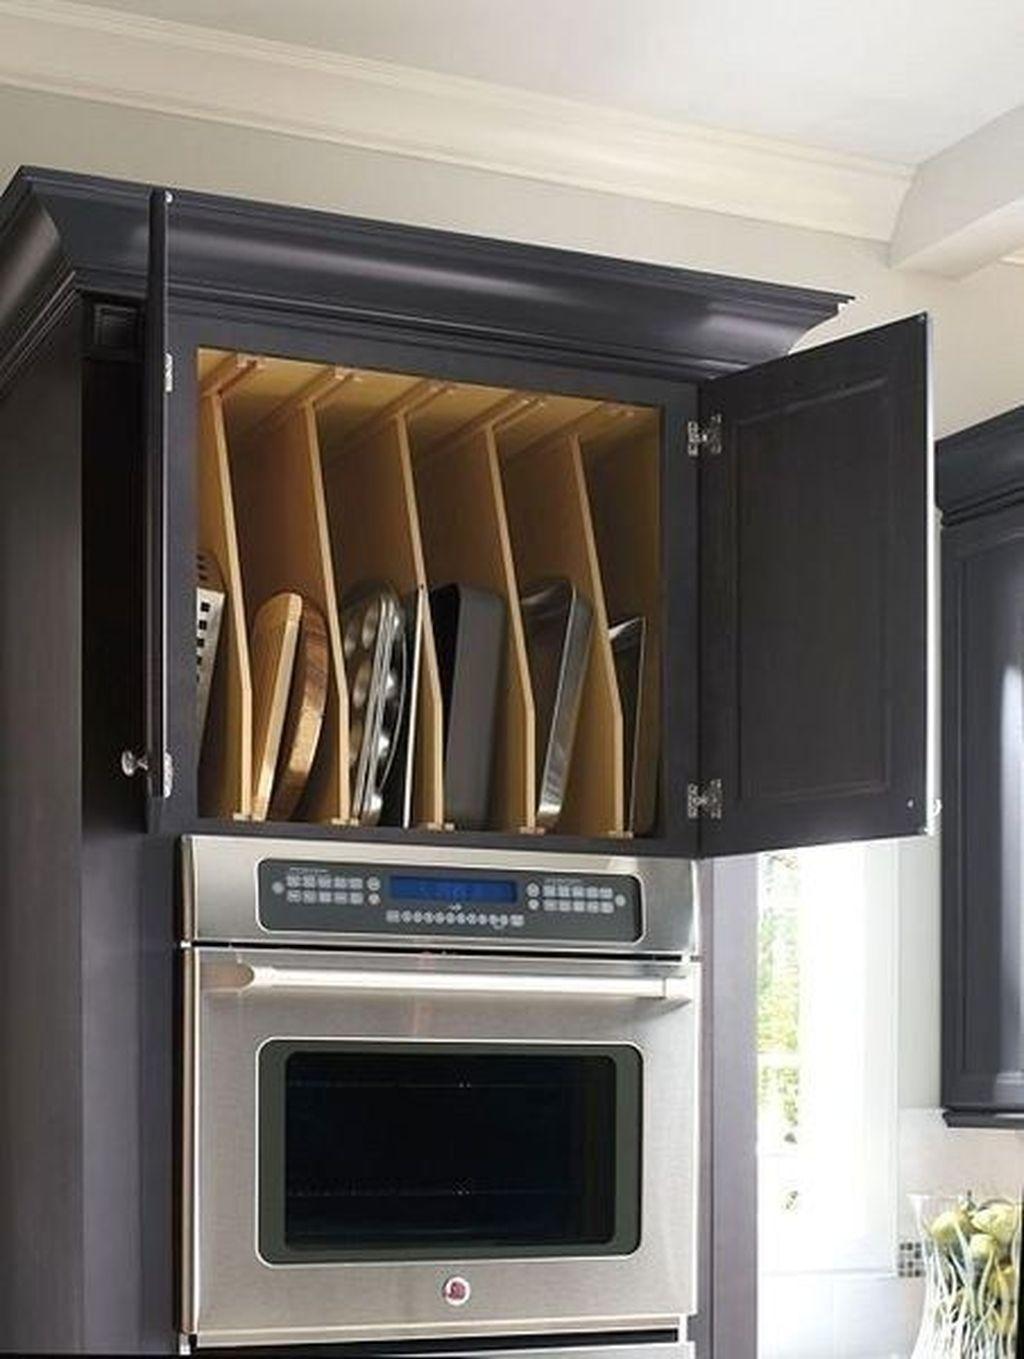 39 Impressive Kitchen Organization Design Ideas That Will Save Your Spave In 2020 Kitchen Cabinet Organization Layout Kitchen Diy Makeover Diy Kitchen Renovation